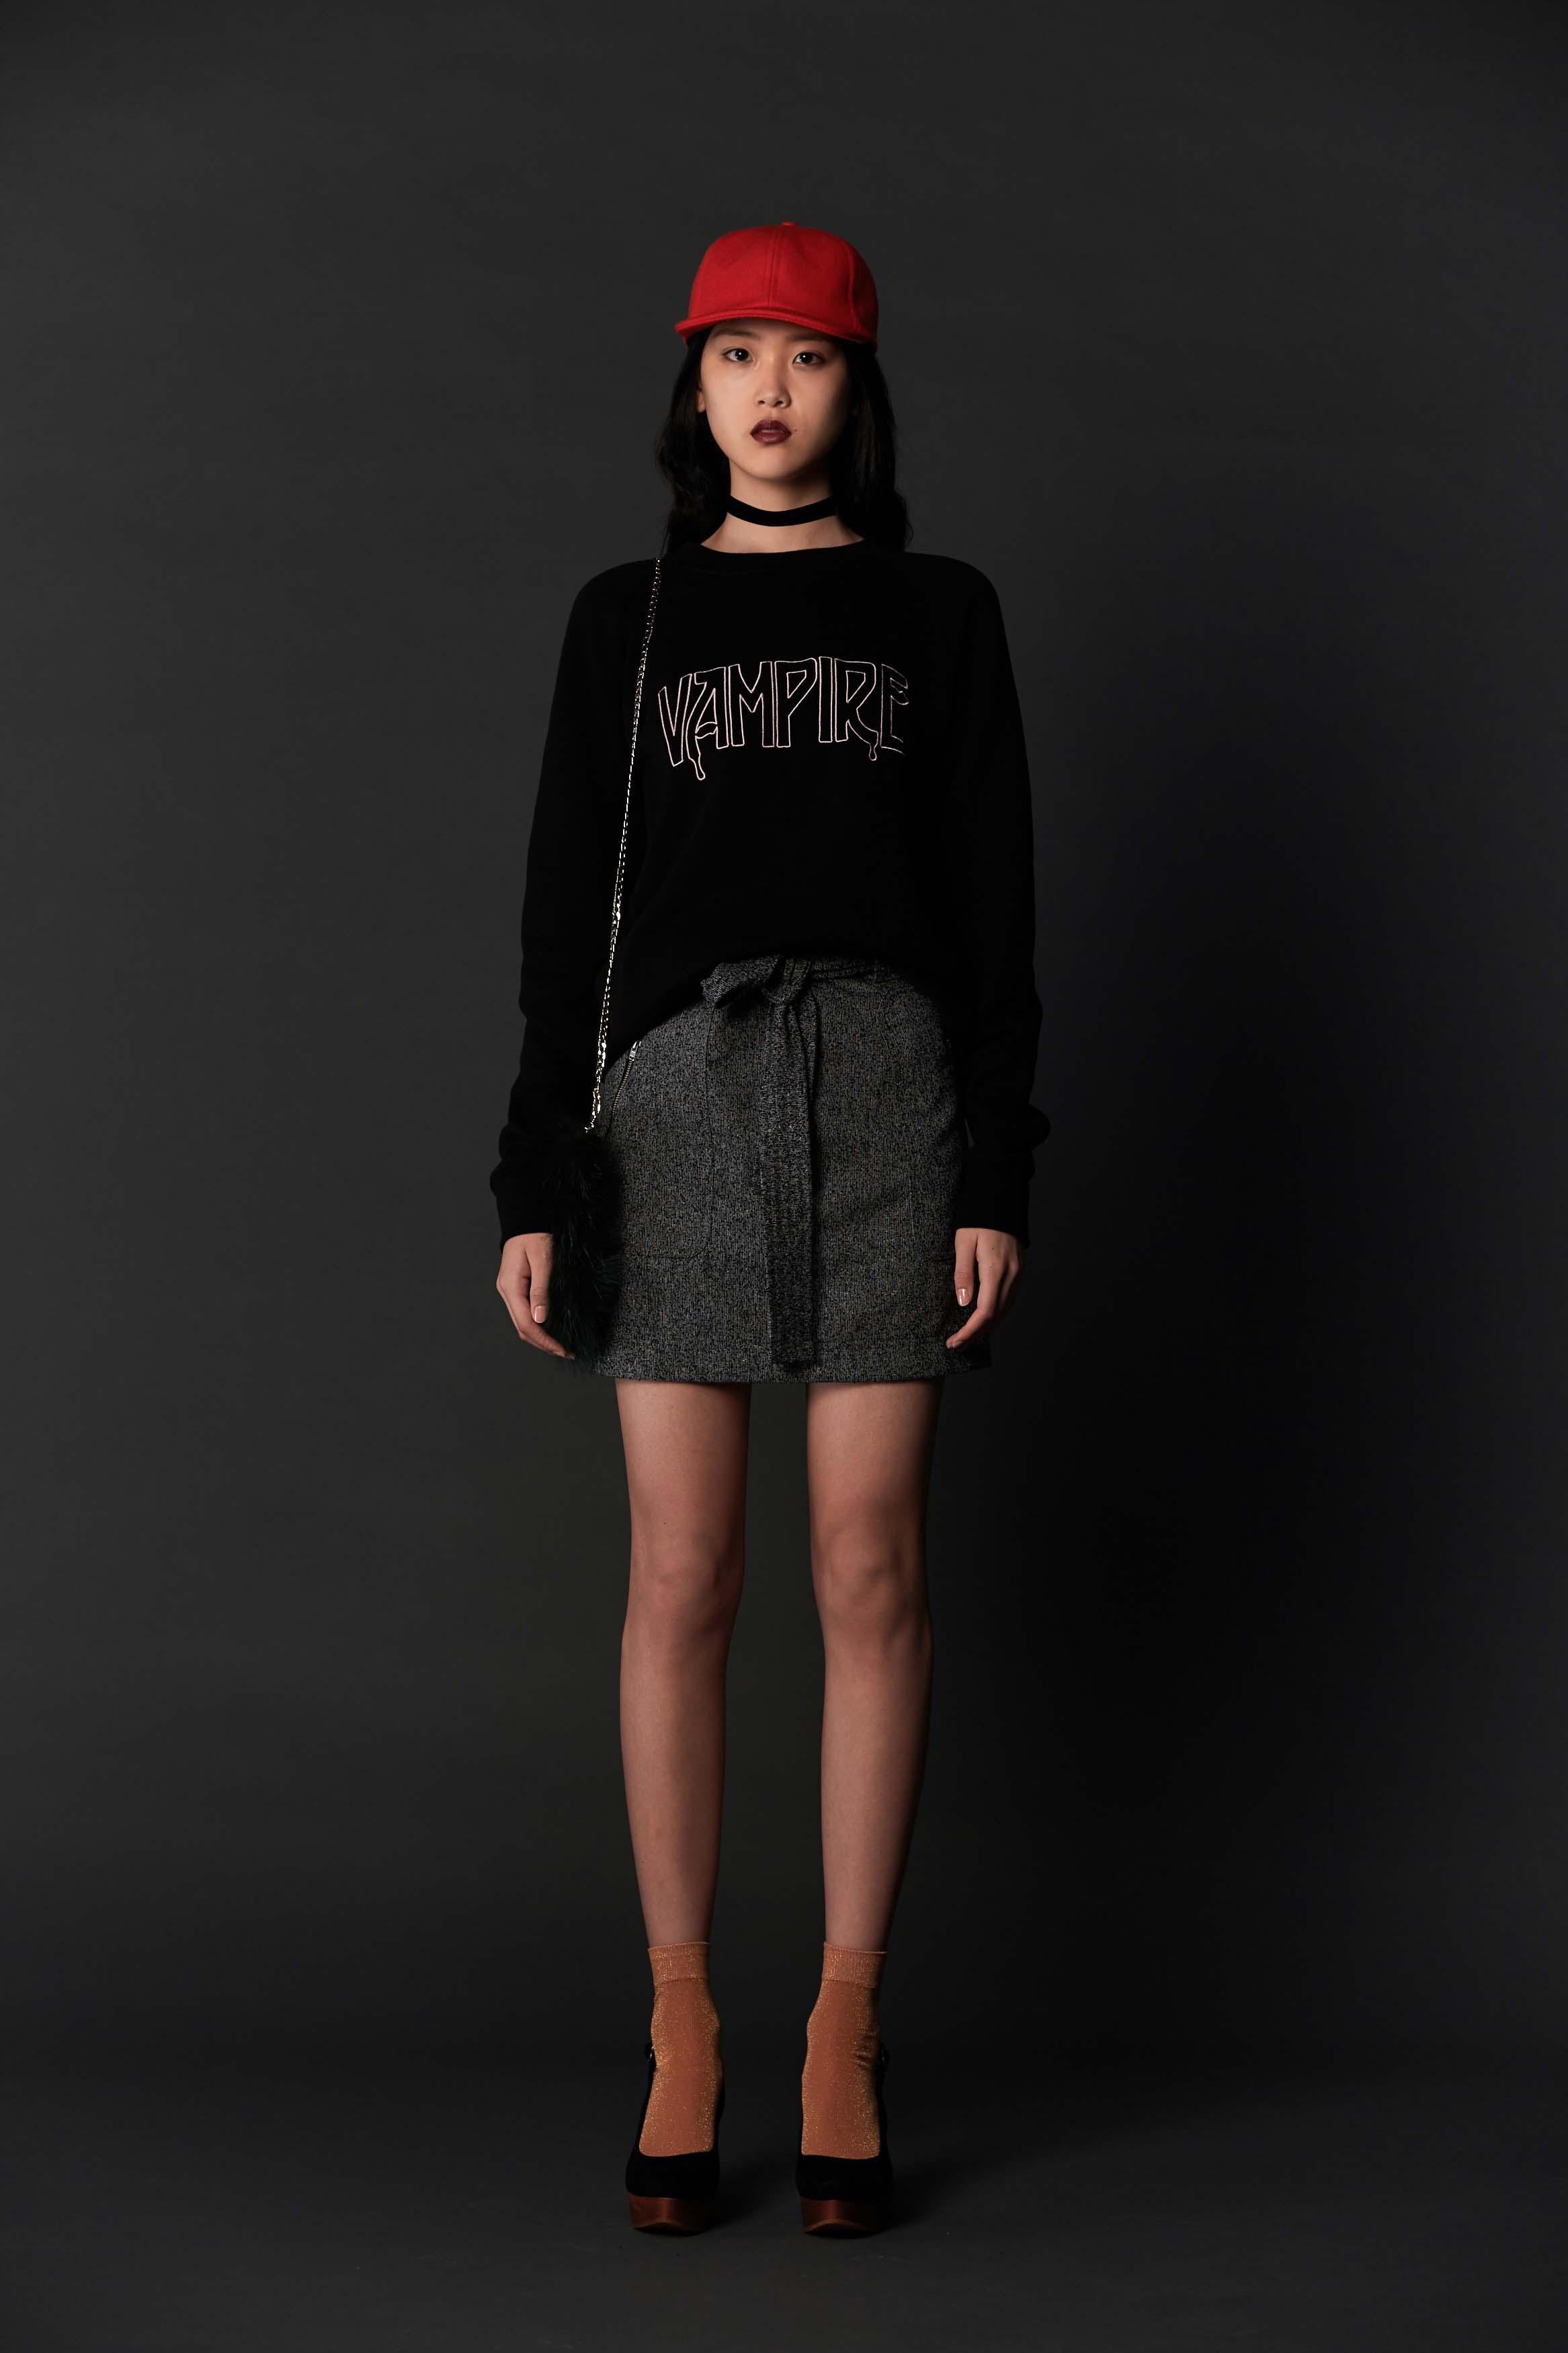 RUBY Vampire Sweatshirt, Zora Miniskirt, Alpine Baseball Cap & Halo Heel